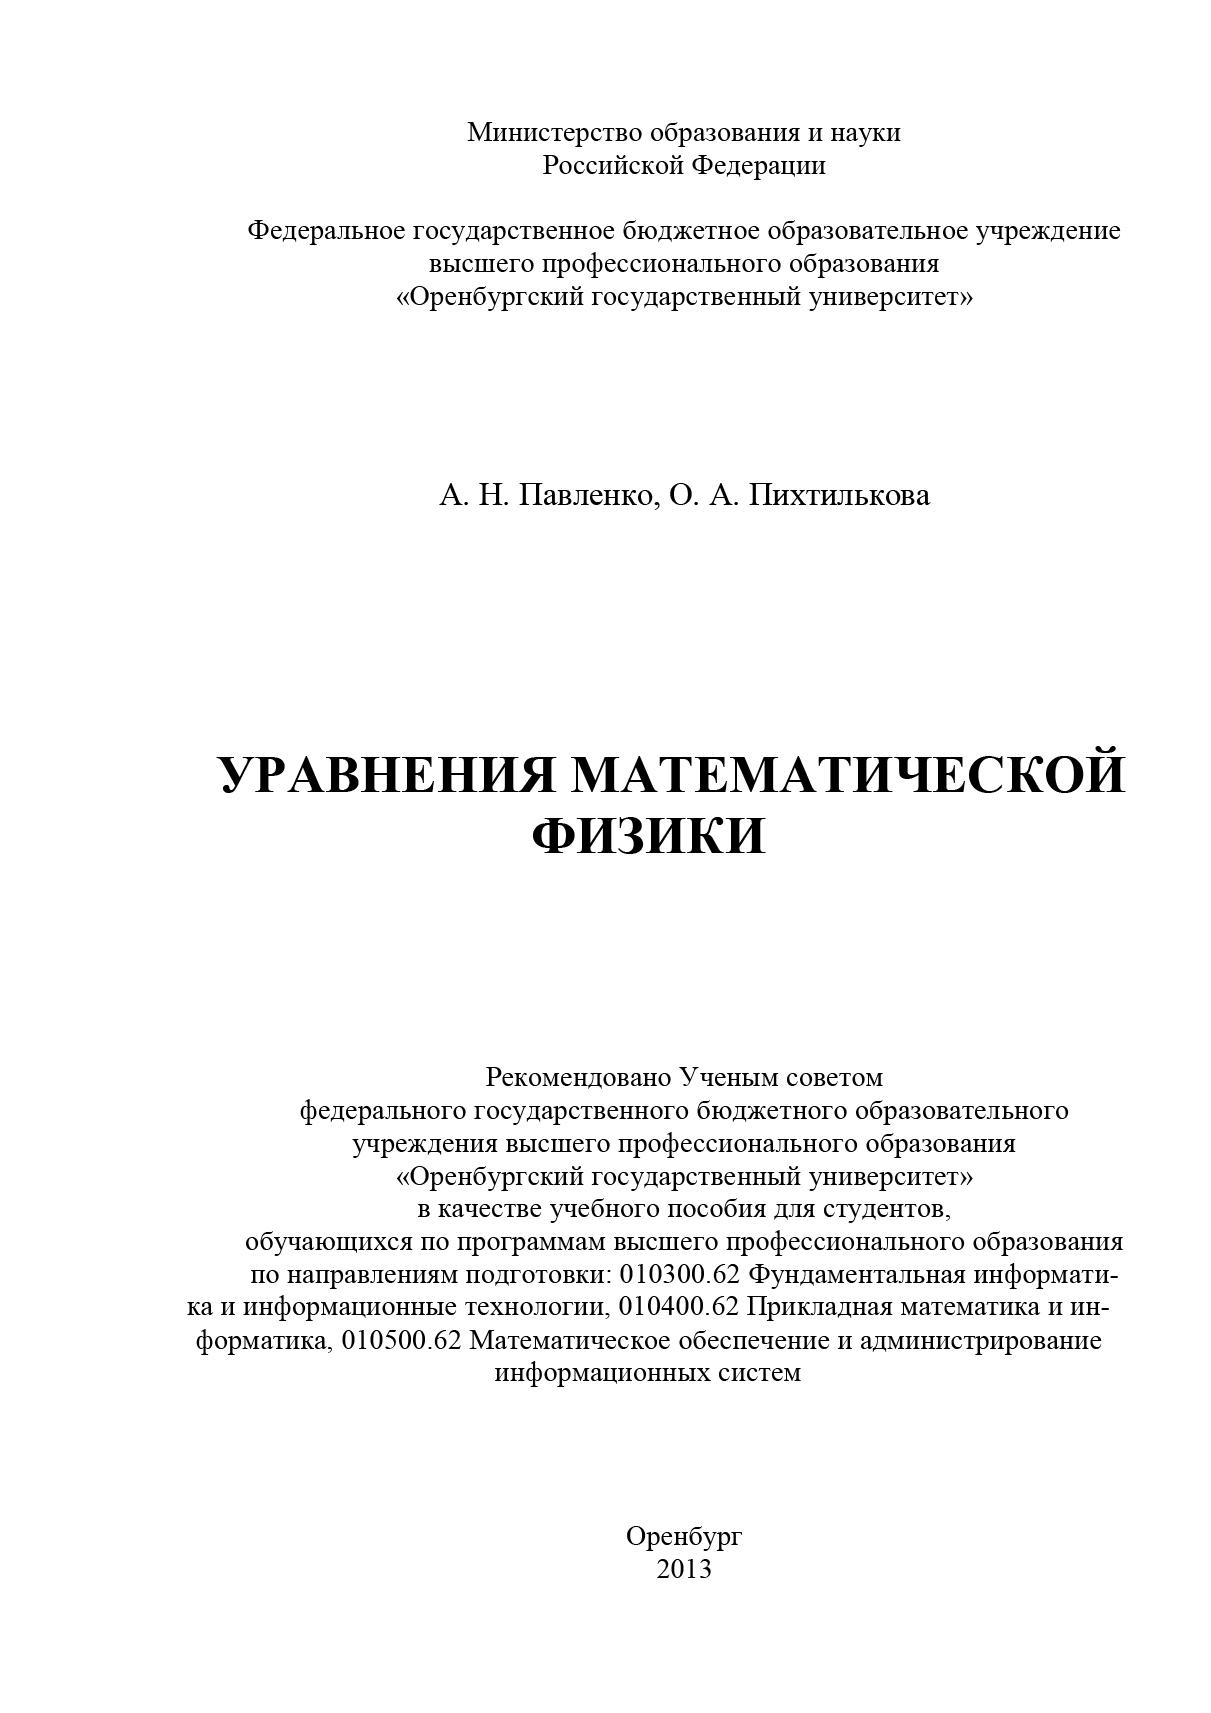 А. Н. Павленко Уравнения математической физики